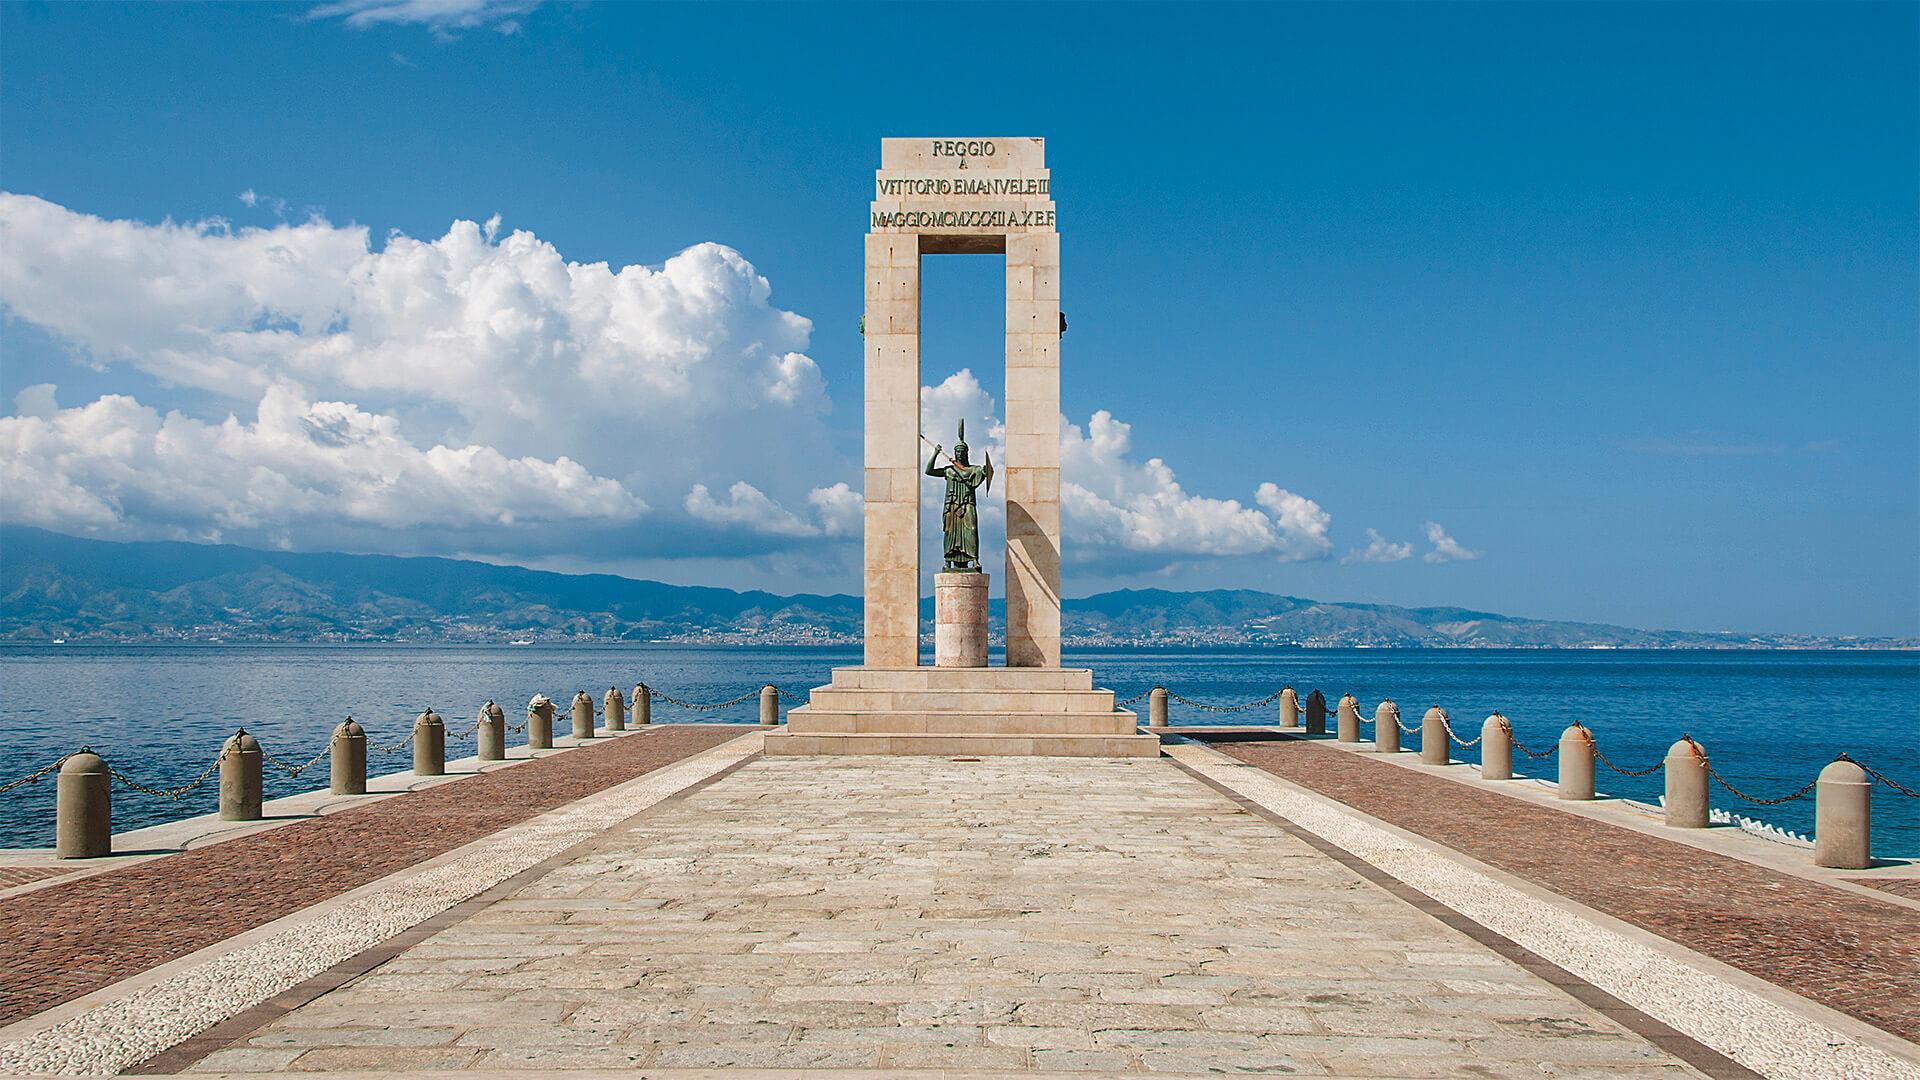 10 giorni in Calabria: da Reggio Calabria a San Nicola Arcella